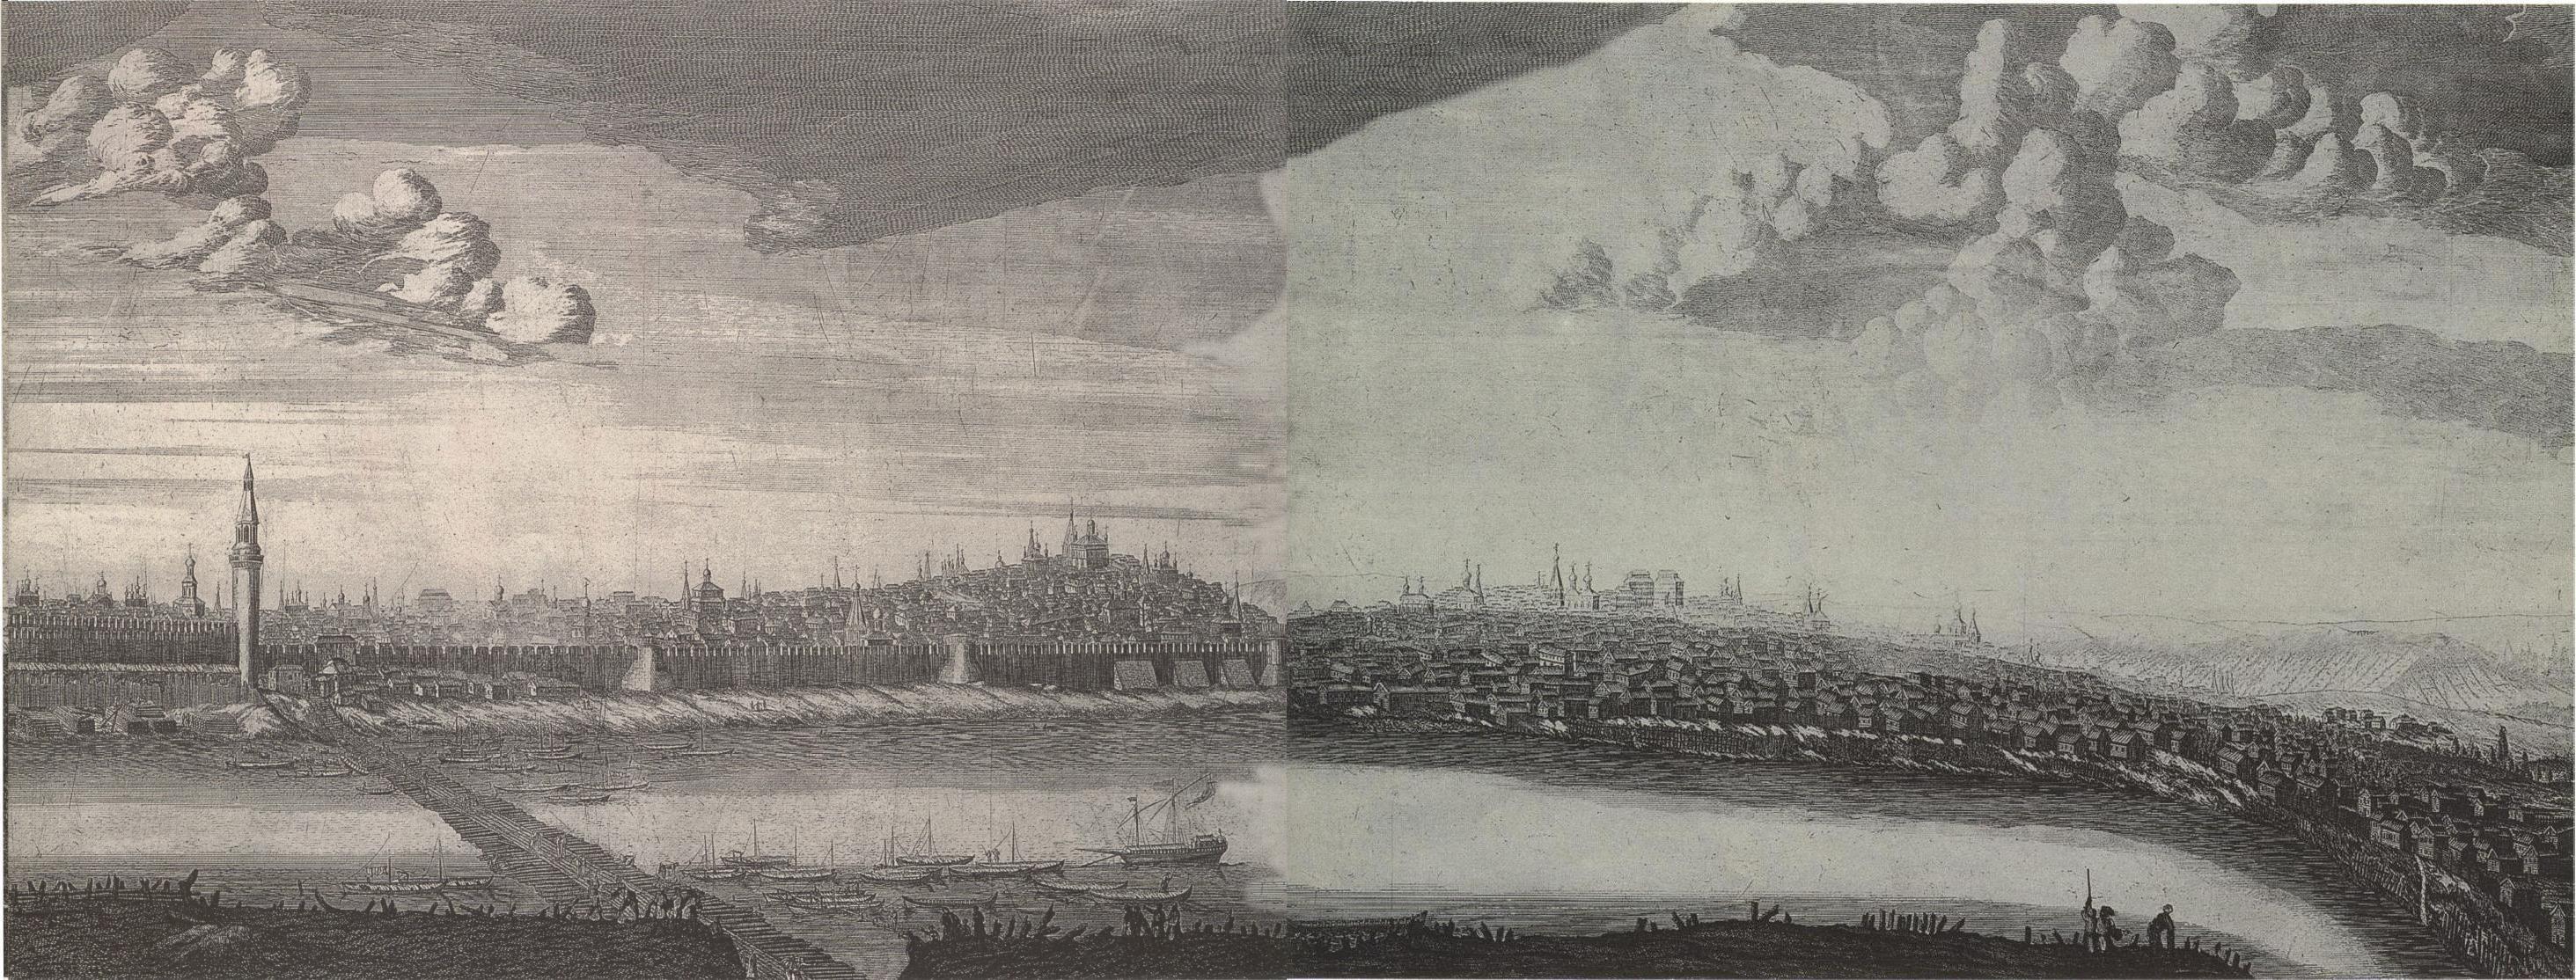 1707. Вид Москвы от Каменного моста6